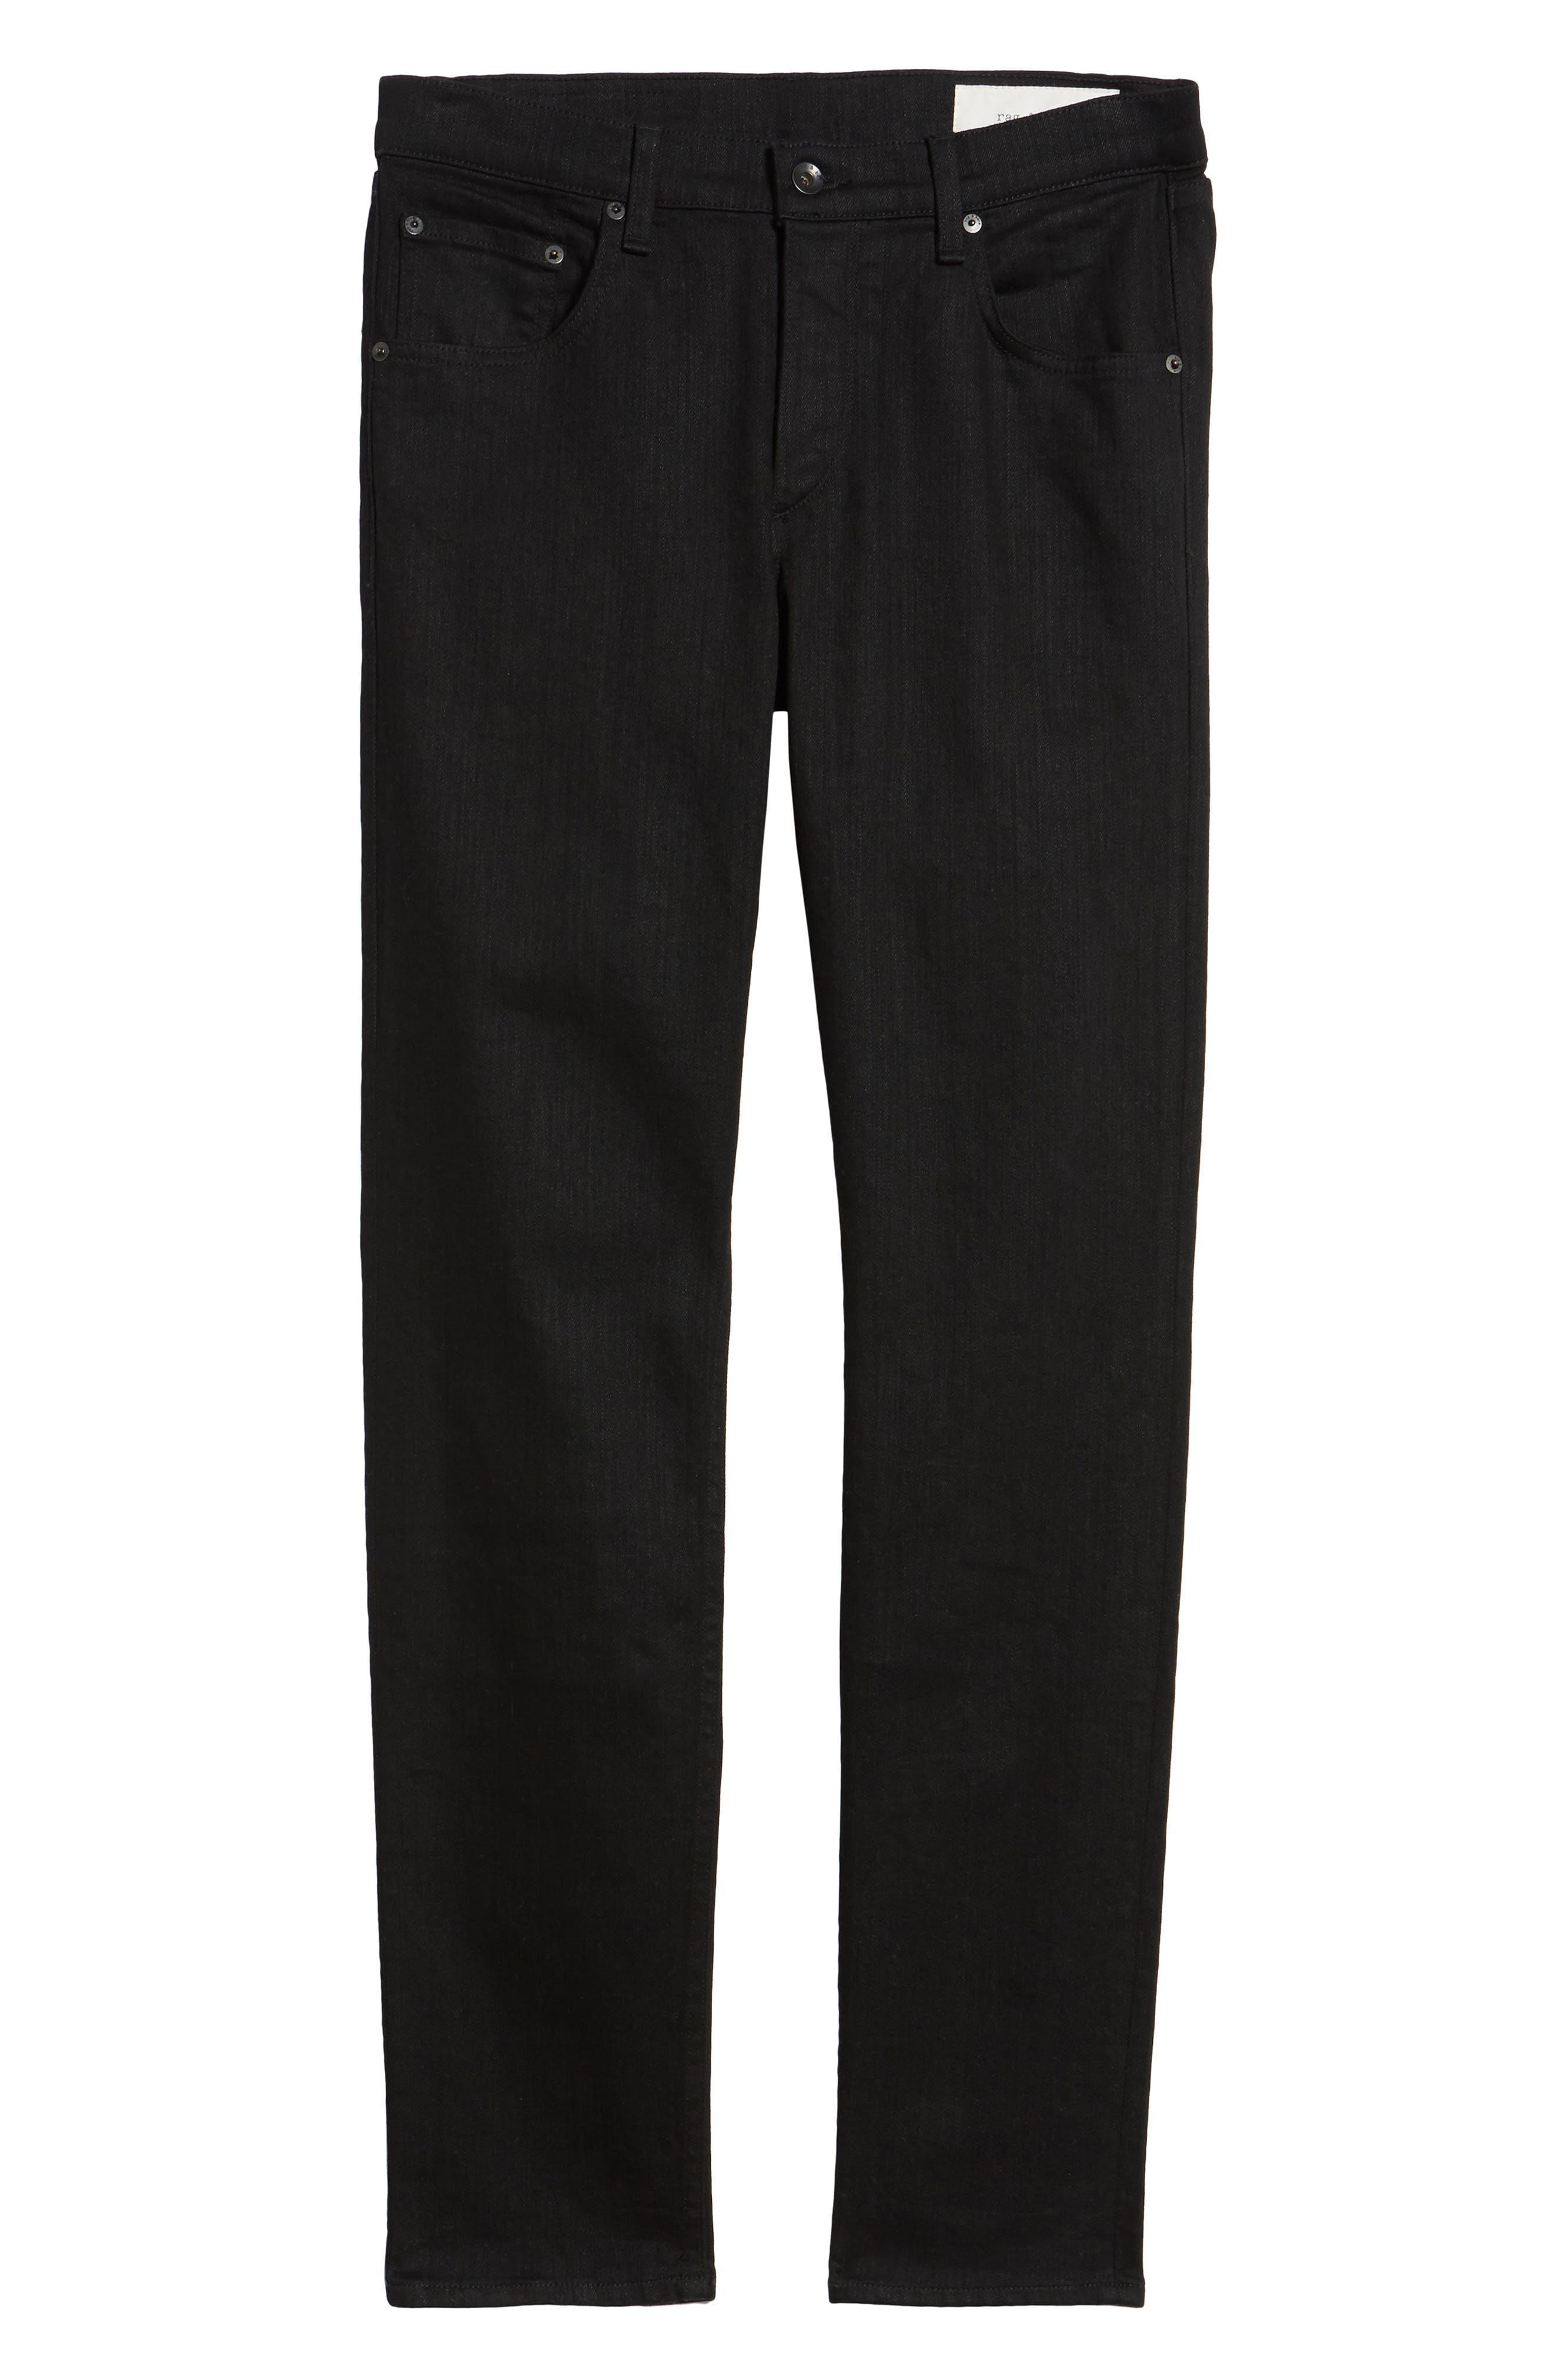 Fit 2 Slim Fit Jeans,                             Alternate thumbnail 6, color,                             BLACK